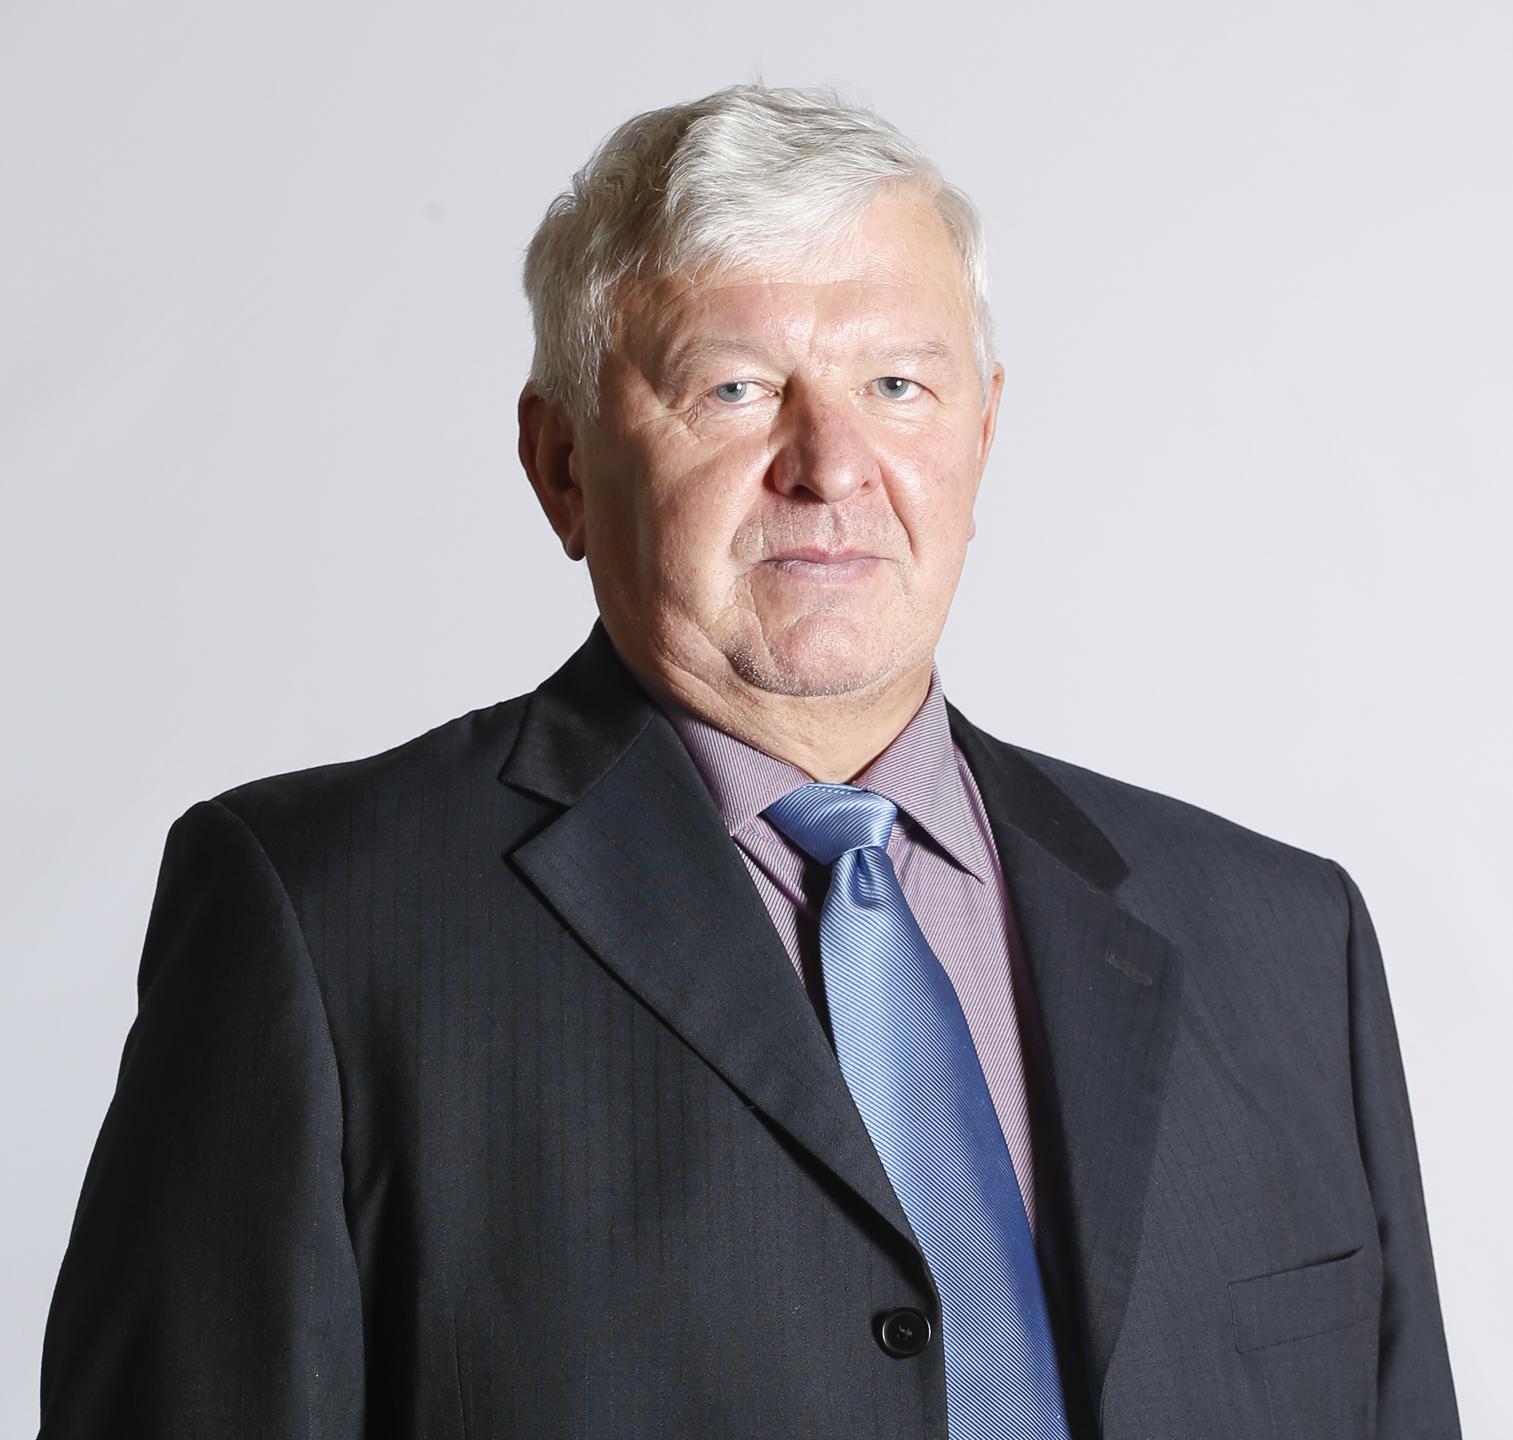 Mr. Aavo PÕHJALA